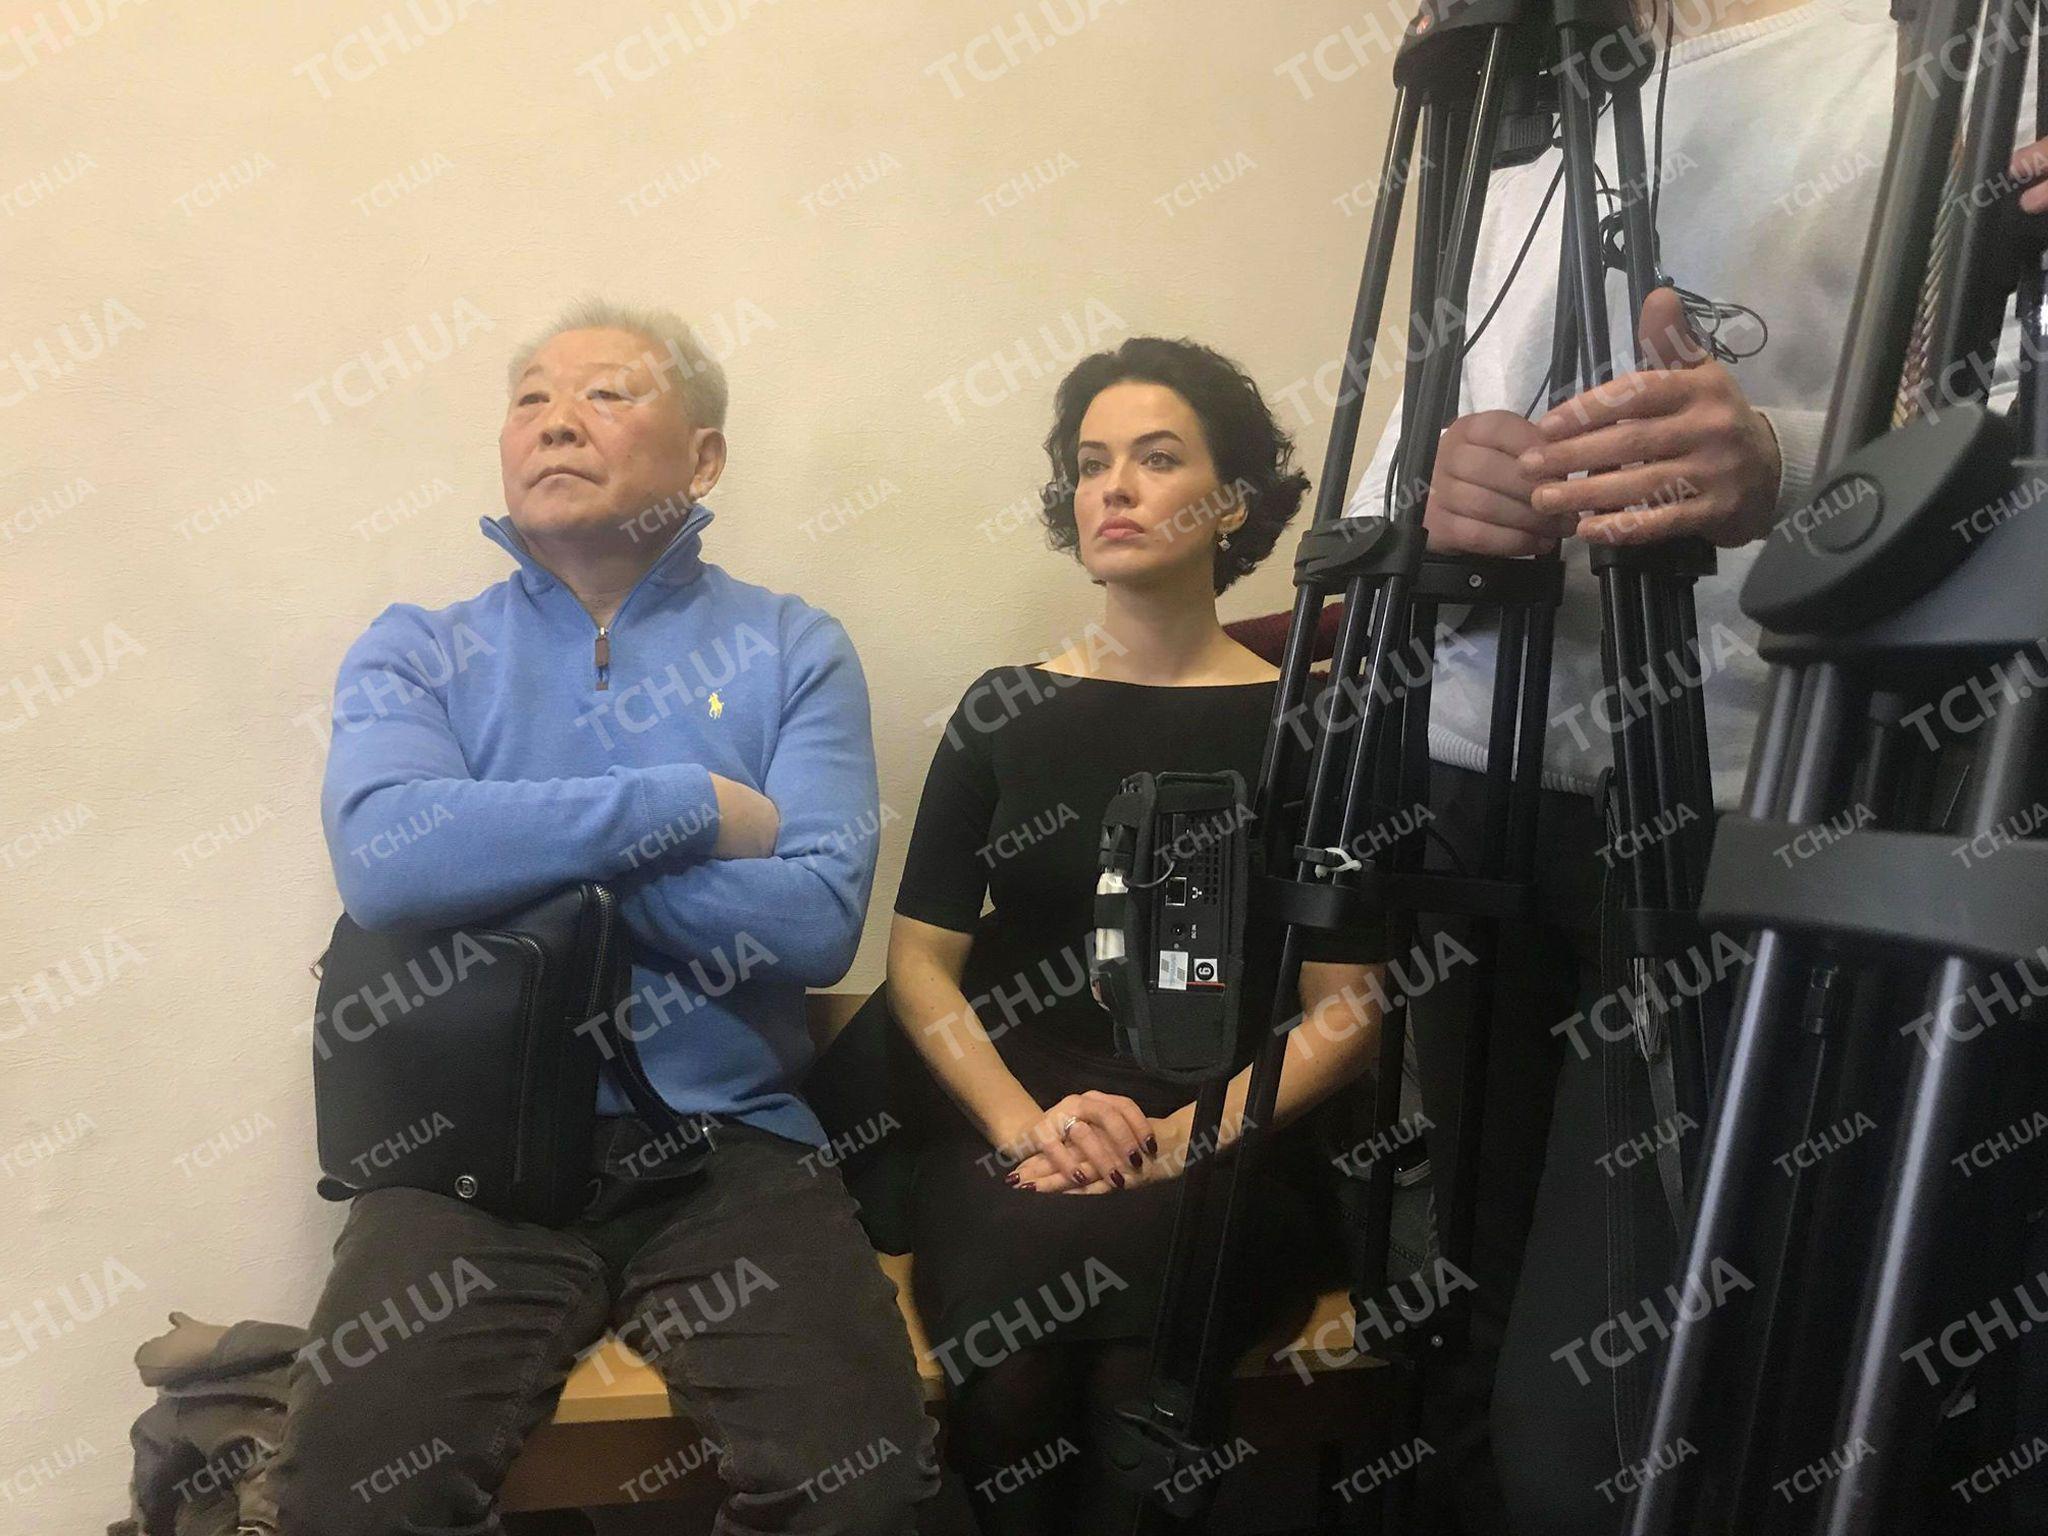 Дашу Астафьеву удалили с совещания суда поделу еежениха